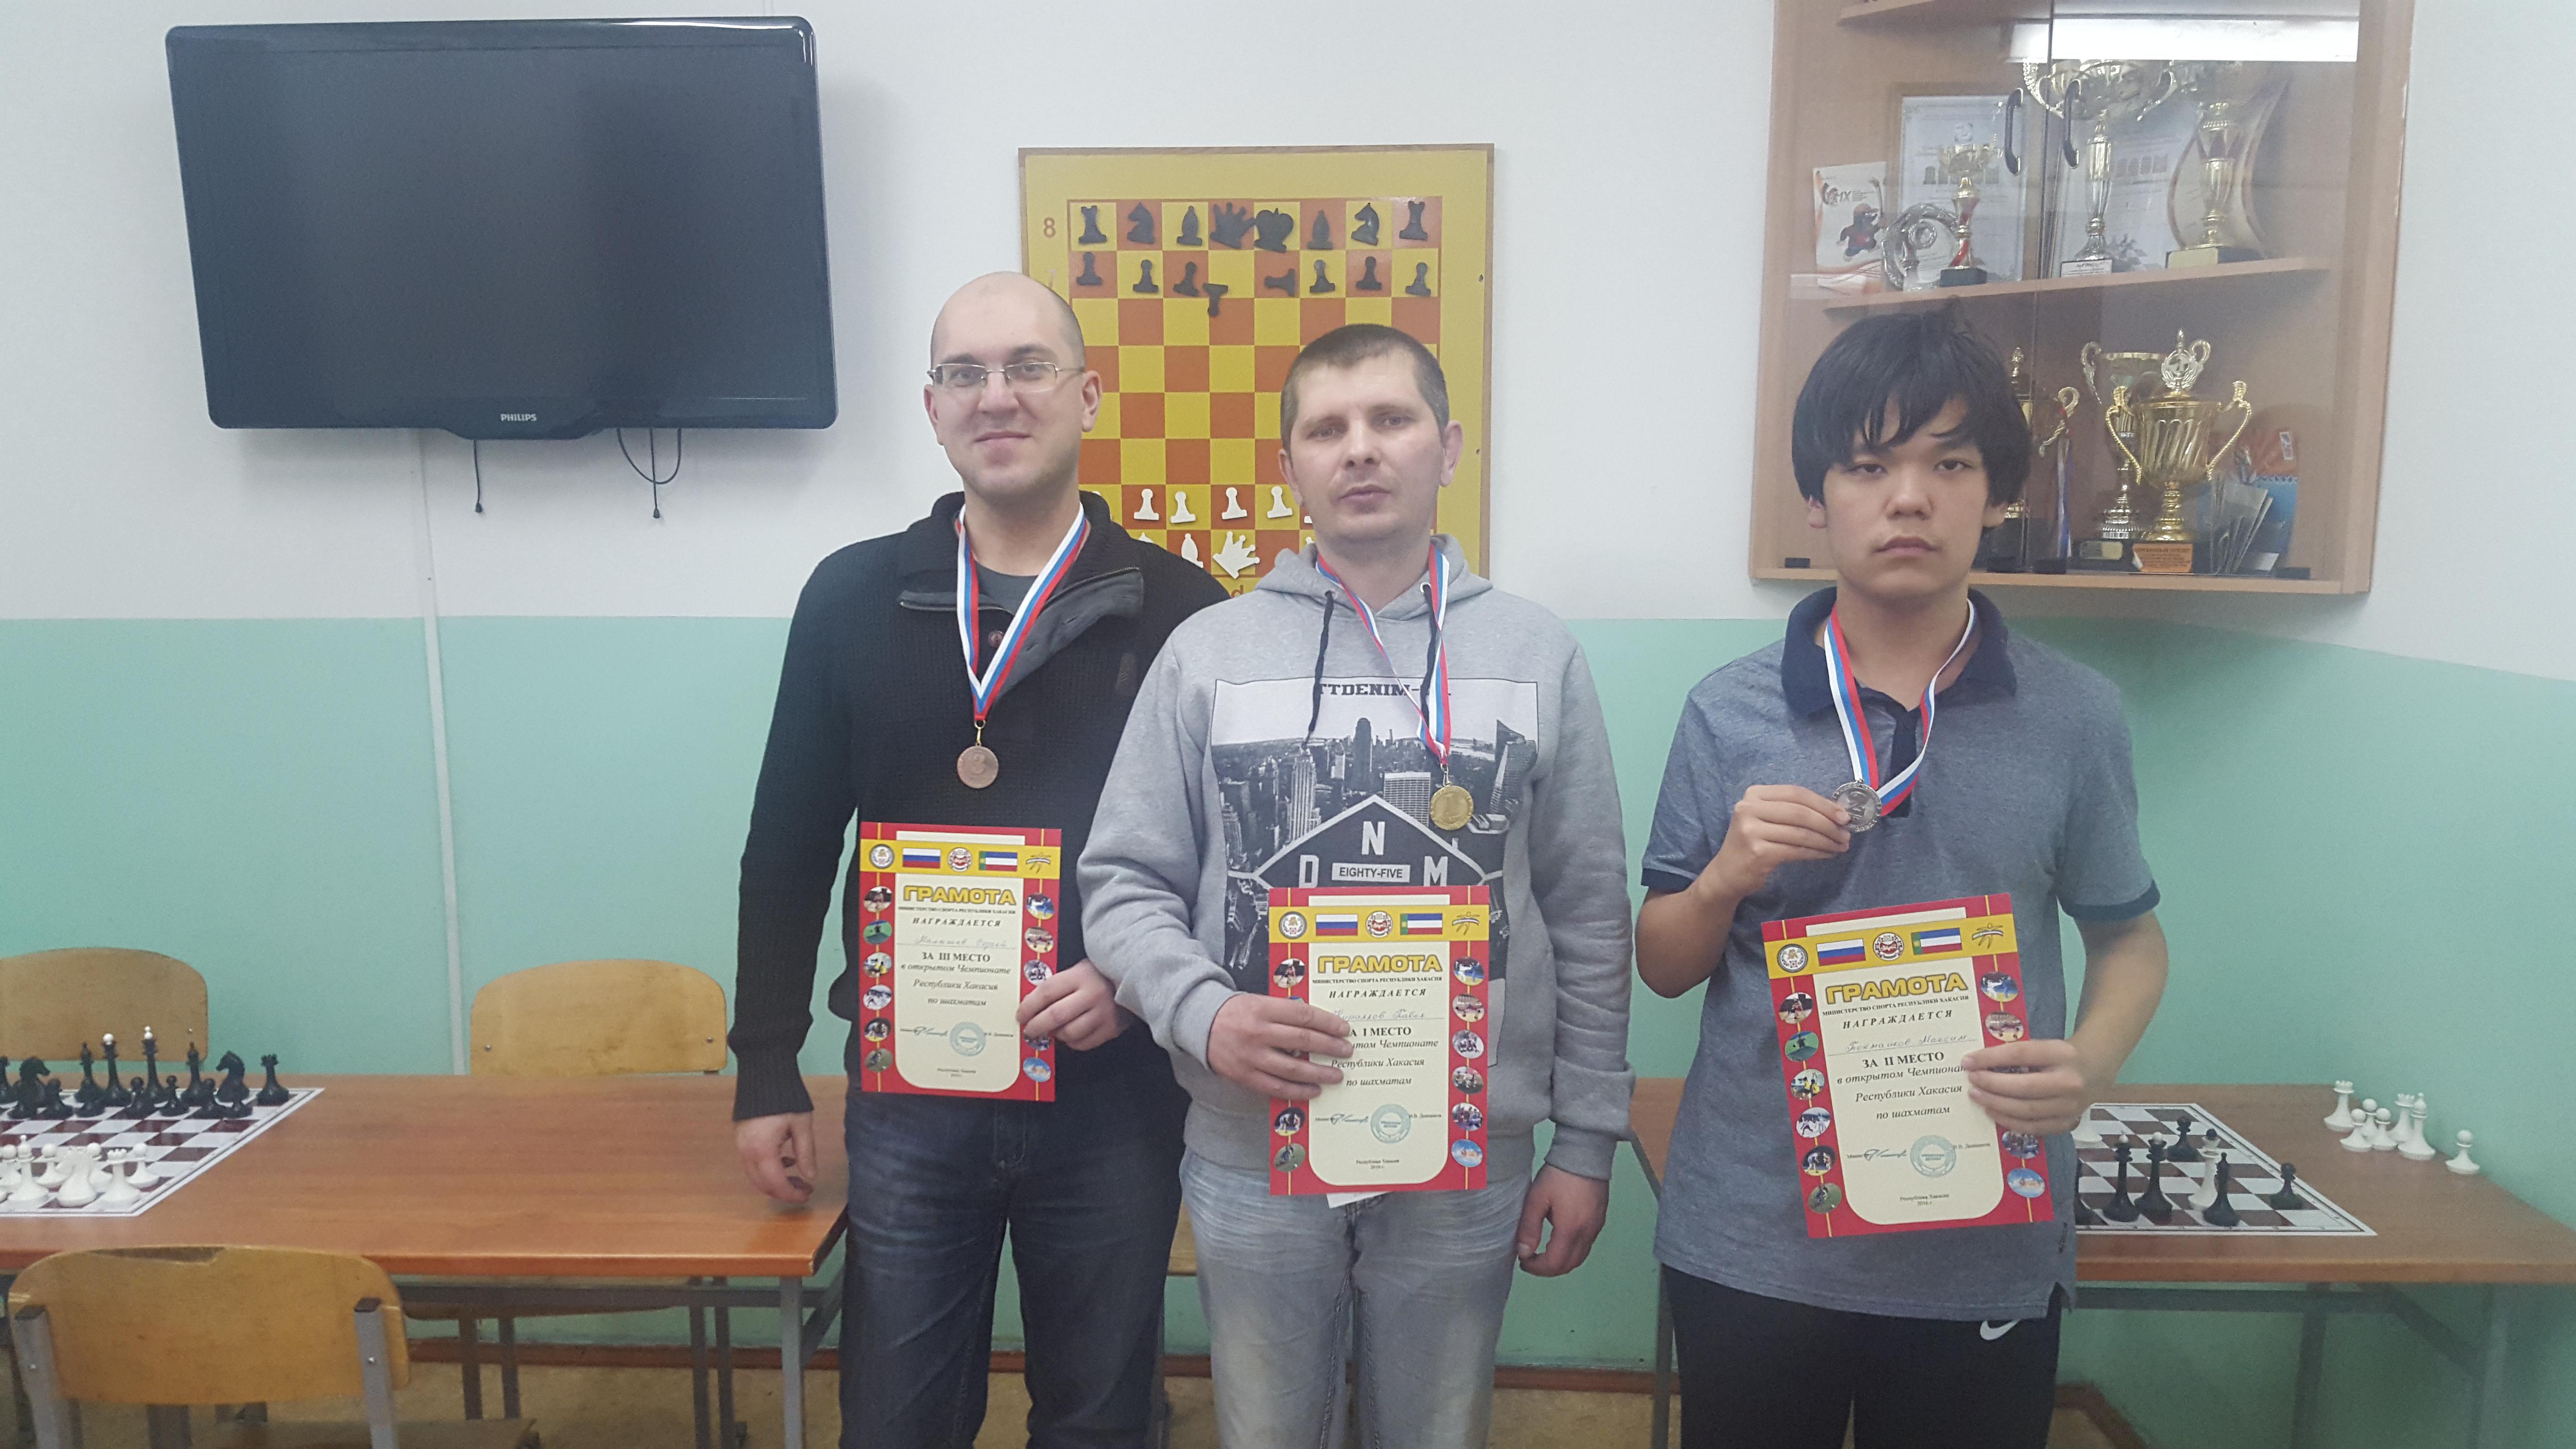 Слева направо: Сергей Малышев, Павел Кириллов, Максим Токмашов.